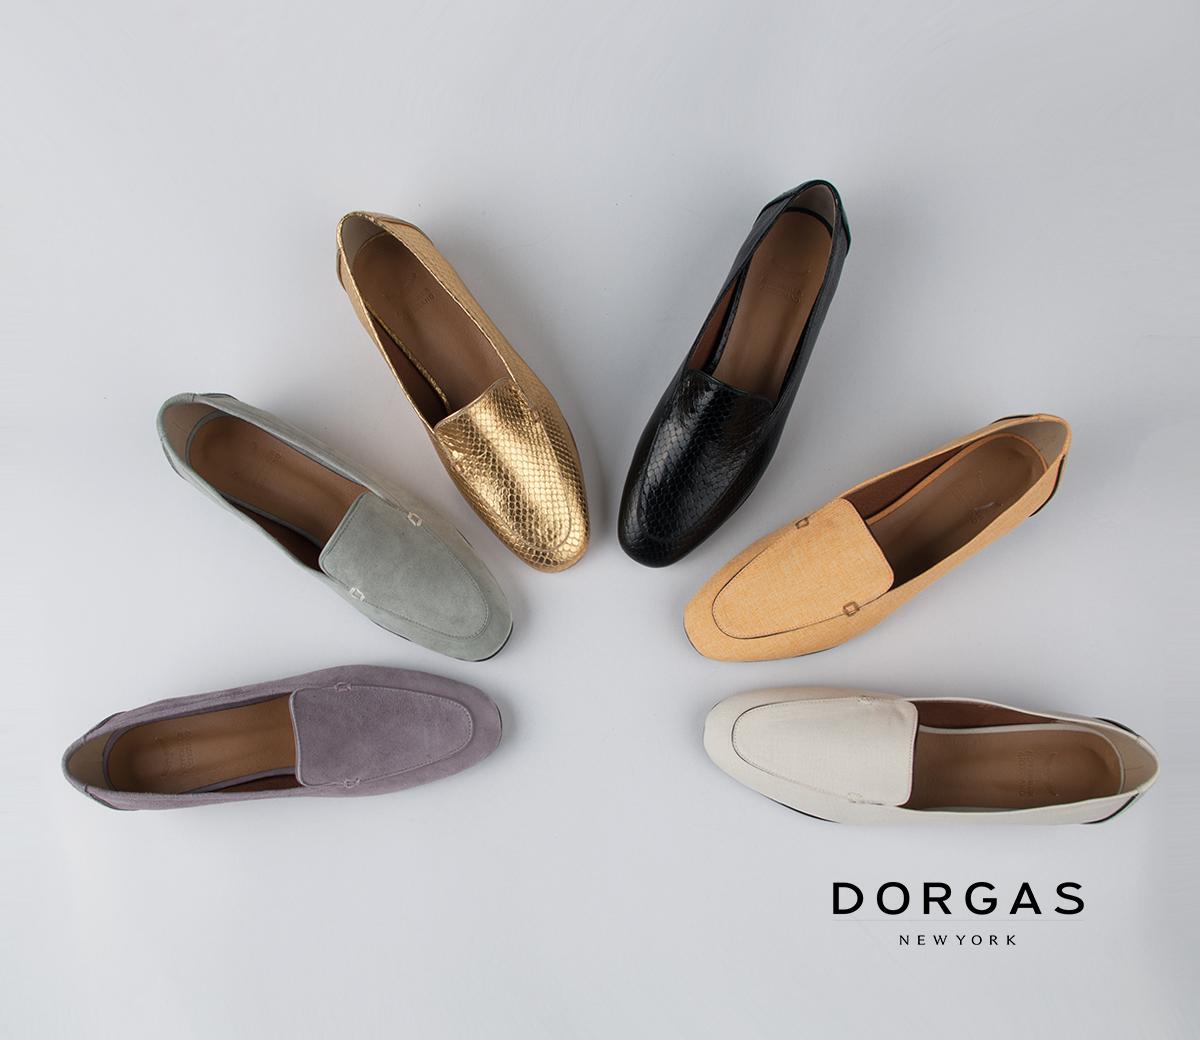 DN0091 shoes shoes